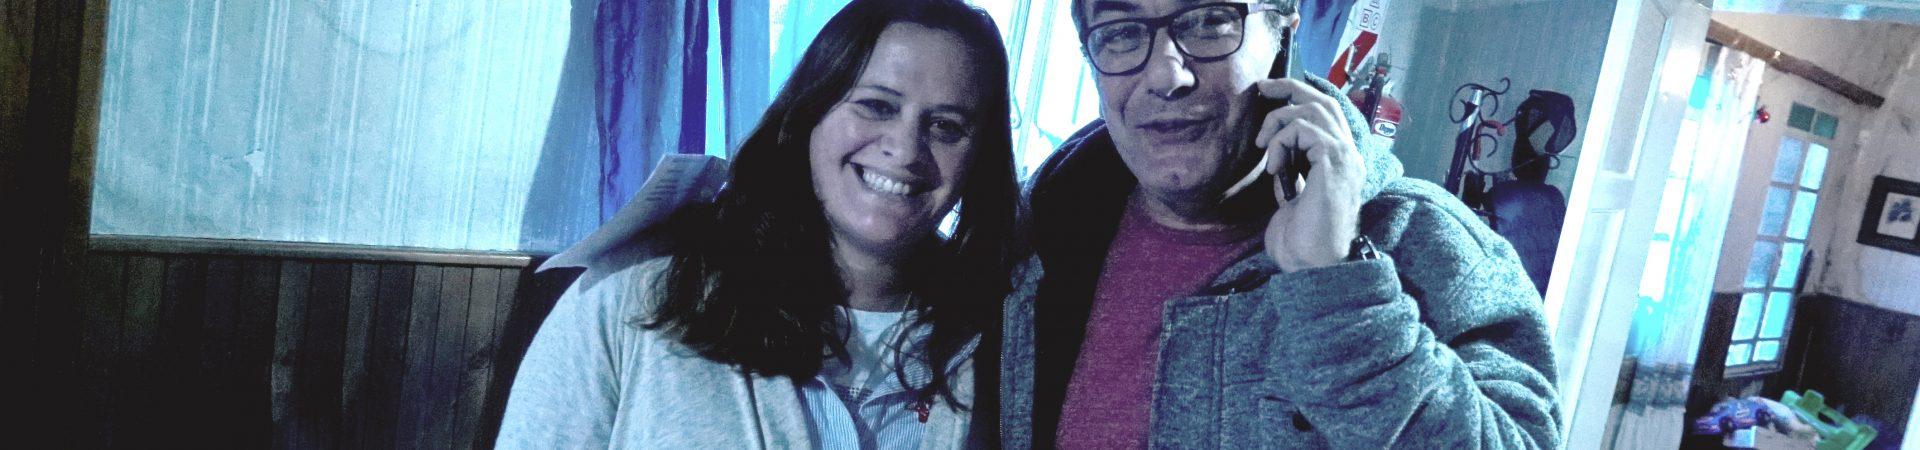 Actitud Solidaria: Juliana Bravo contó sobre la situación del hogar Preciosa Semilla